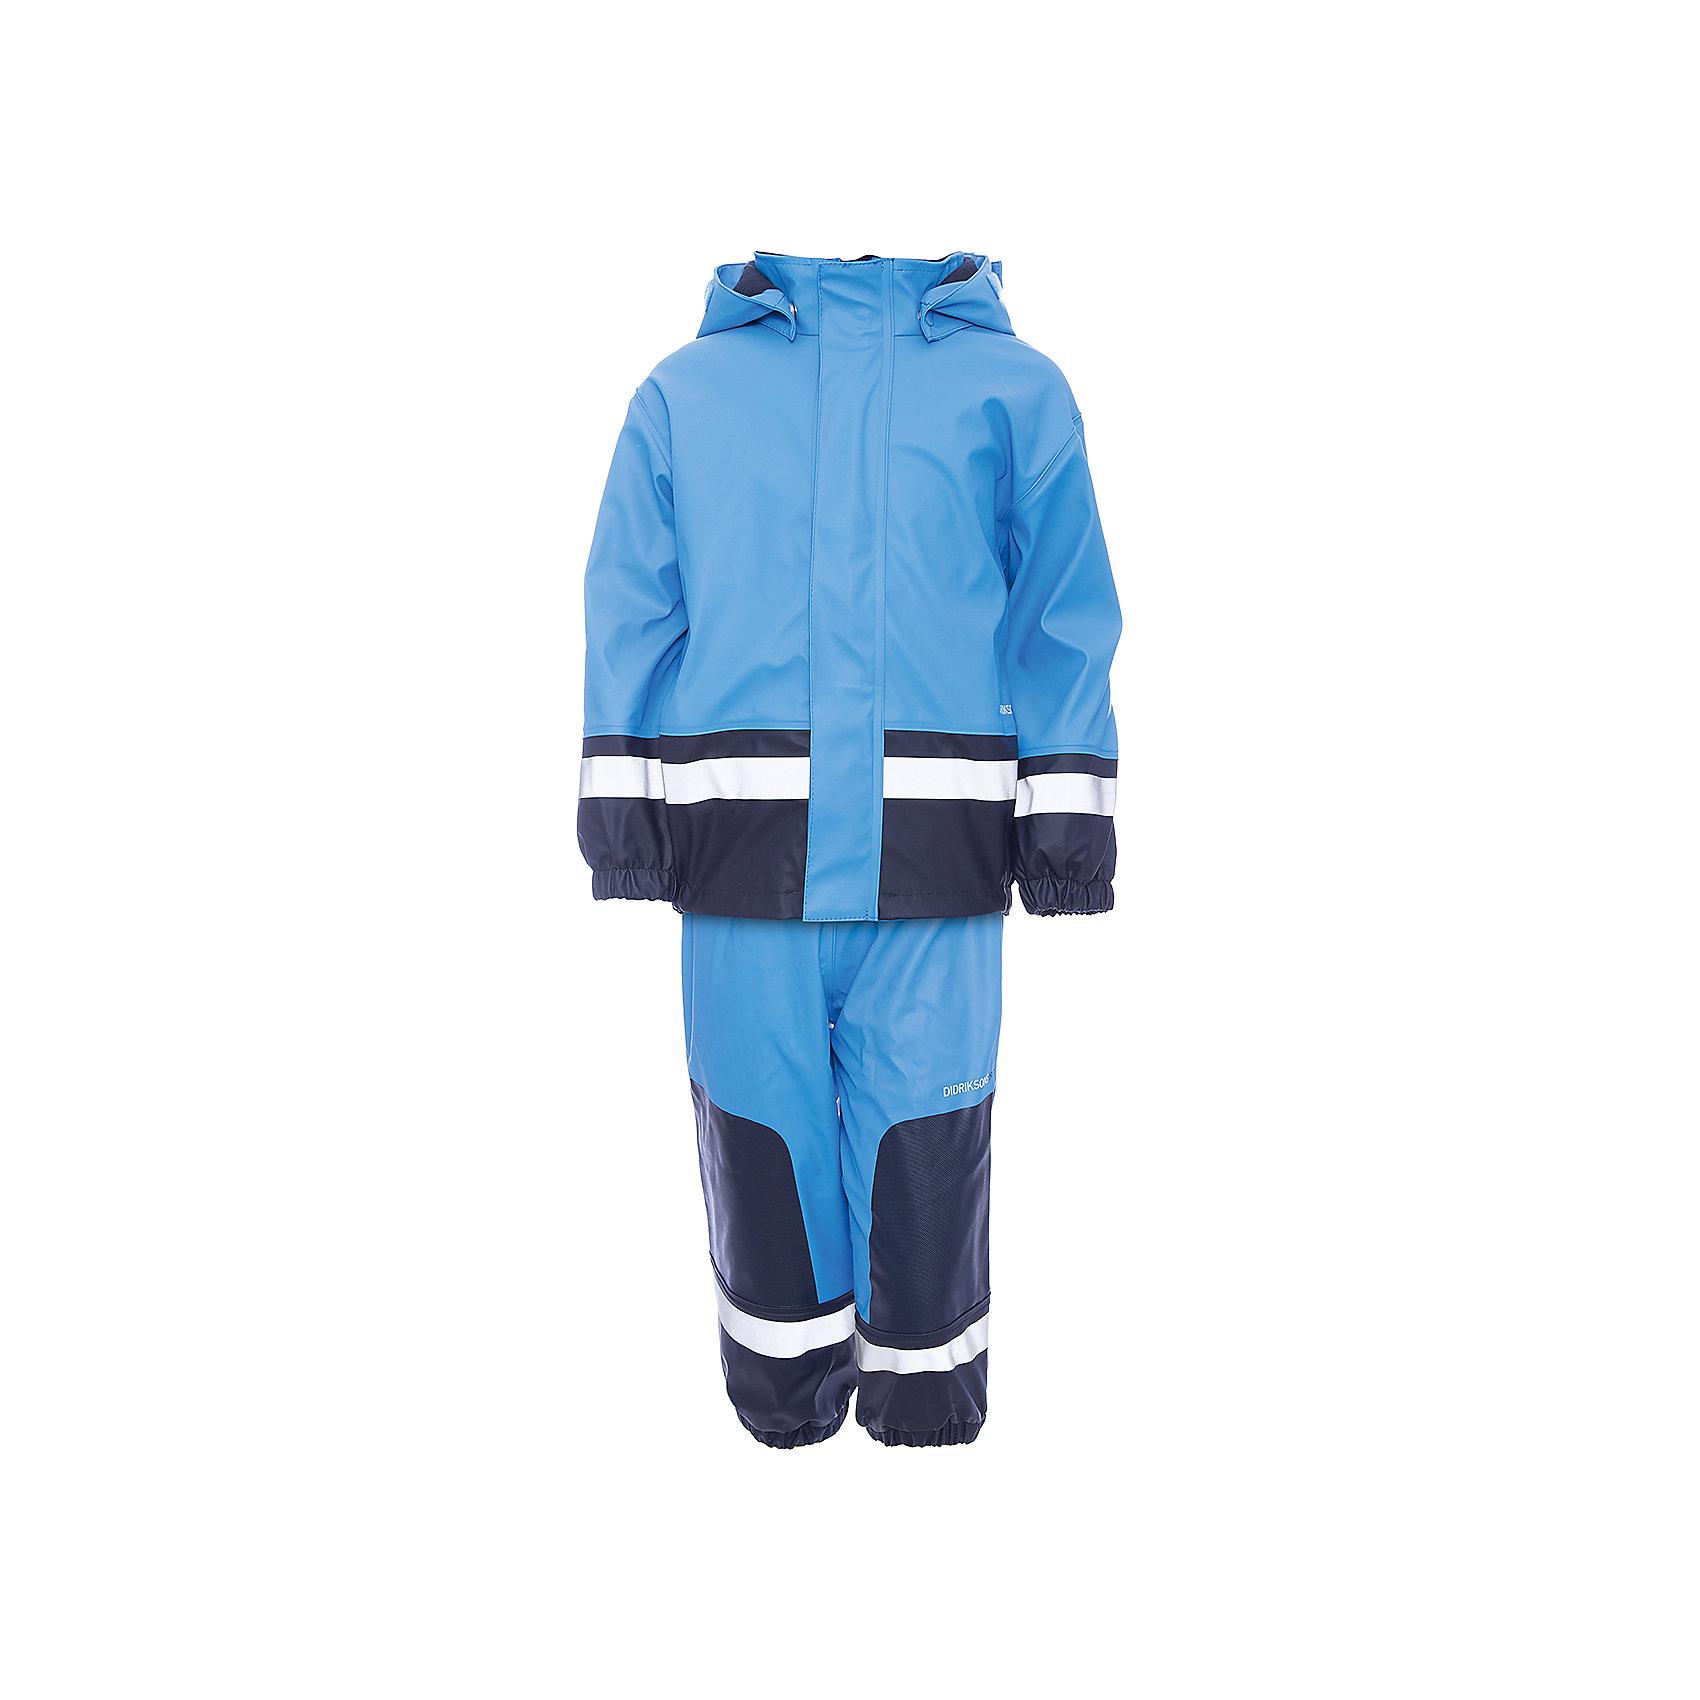 Комплект: курта и брюки для мальчика DIDRIKSONSКомплект: курта и брюки для мальчика от известного бренда DIDRIKSONS.<br>Детский костюм из водронепроницаемого мягкого полиуретана на подкладке из флиса. Все швы проклеены, что обеспечивает максимальную защиту от внешней влаги. Регулируемый съемный капюшон и пояс брюк. Резинки для ботинок. Фронтальная молния под планкой. Зона коленей усилена дополнительным слоем ткани. Светоотражатели. Ткань - износоустойчивая, за ней легко ухаживать - грязь легко удаляется с помощью влажной губки или ткани. Костюм незаменим в ненастную прохладную погоду, расчитан на температуру от 0 до +7.<br>Состав:<br>Верх - 100% полиуретан, подкладка - 100% полиэстер<br><br>Ширина мм: 356<br>Глубина мм: 10<br>Высота мм: 245<br>Вес г: 519<br>Цвет: голубой<br>Возраст от месяцев: 36<br>Возраст до месяцев: 48<br>Пол: Мужской<br>Возраст: Детский<br>Размер: 100<br>SKU: 5003845